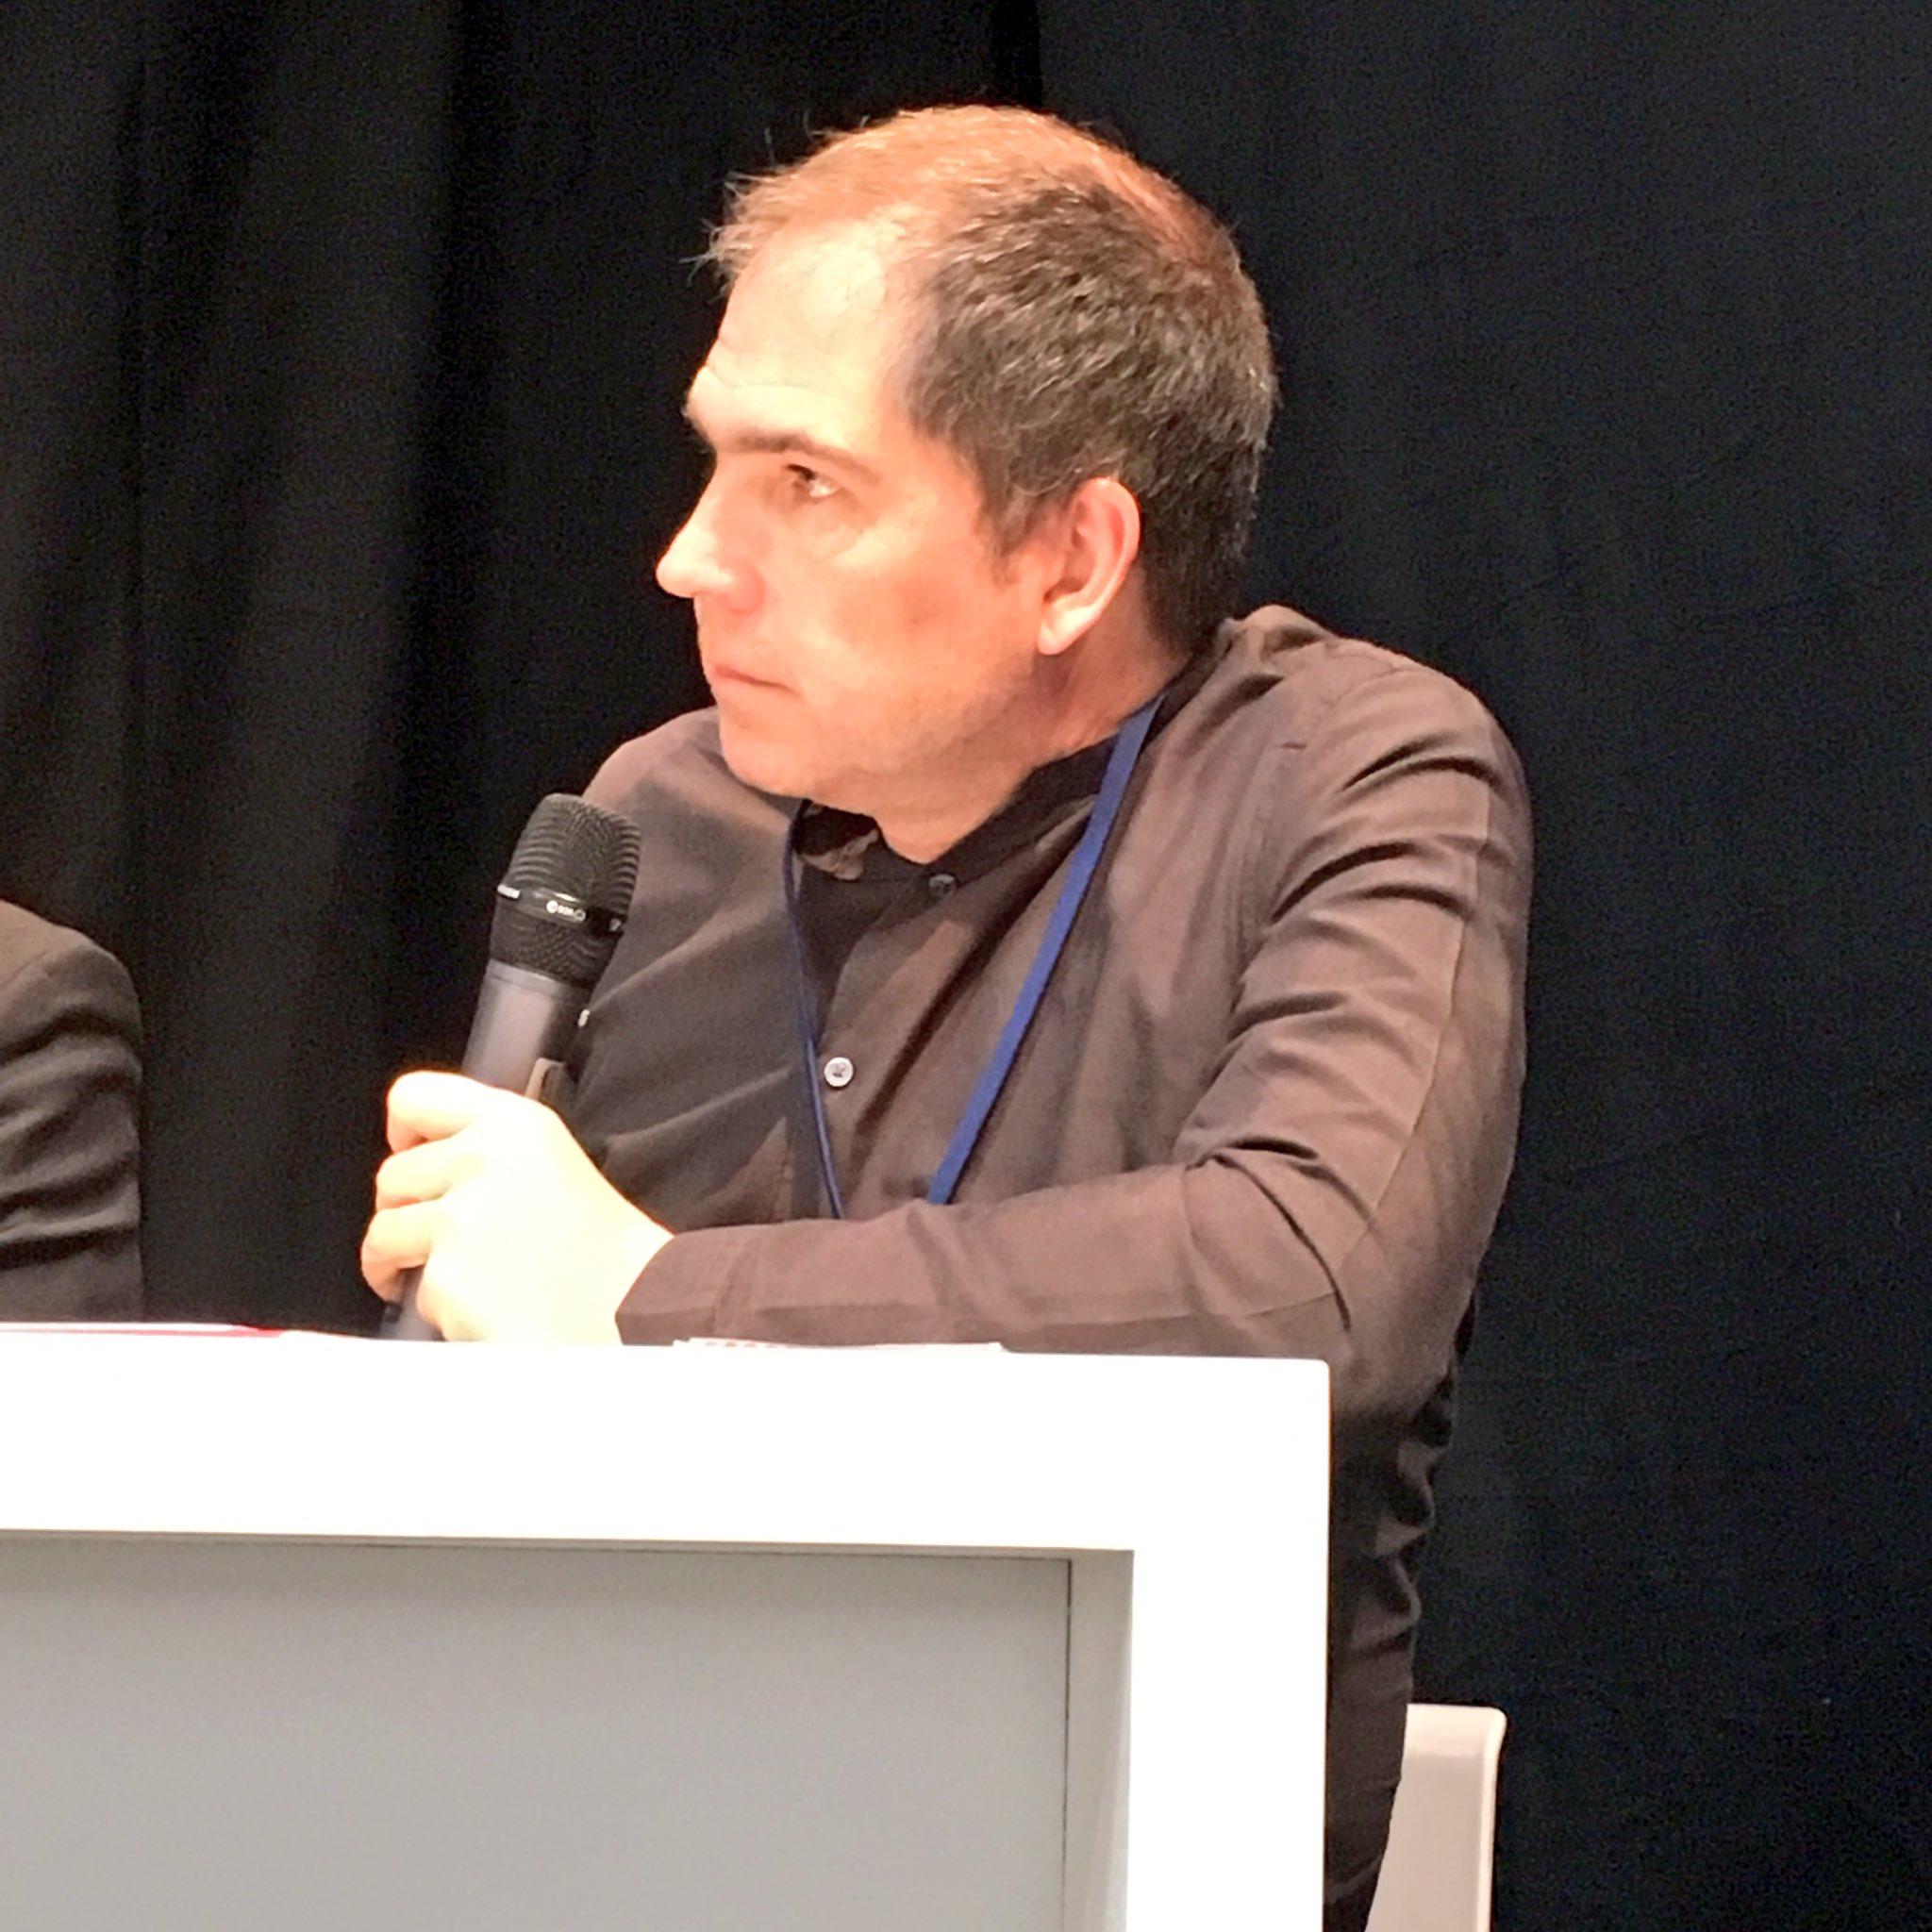 """""""Unser bisheriger Fokus:Was macht #Digitalisierung mit dem Geschäft?Jetzt:Was bedeutet sie für die Zusammenarbeit?"""" @beaservices1 #cebiteda https://t.co/5uAVyzsrXe"""